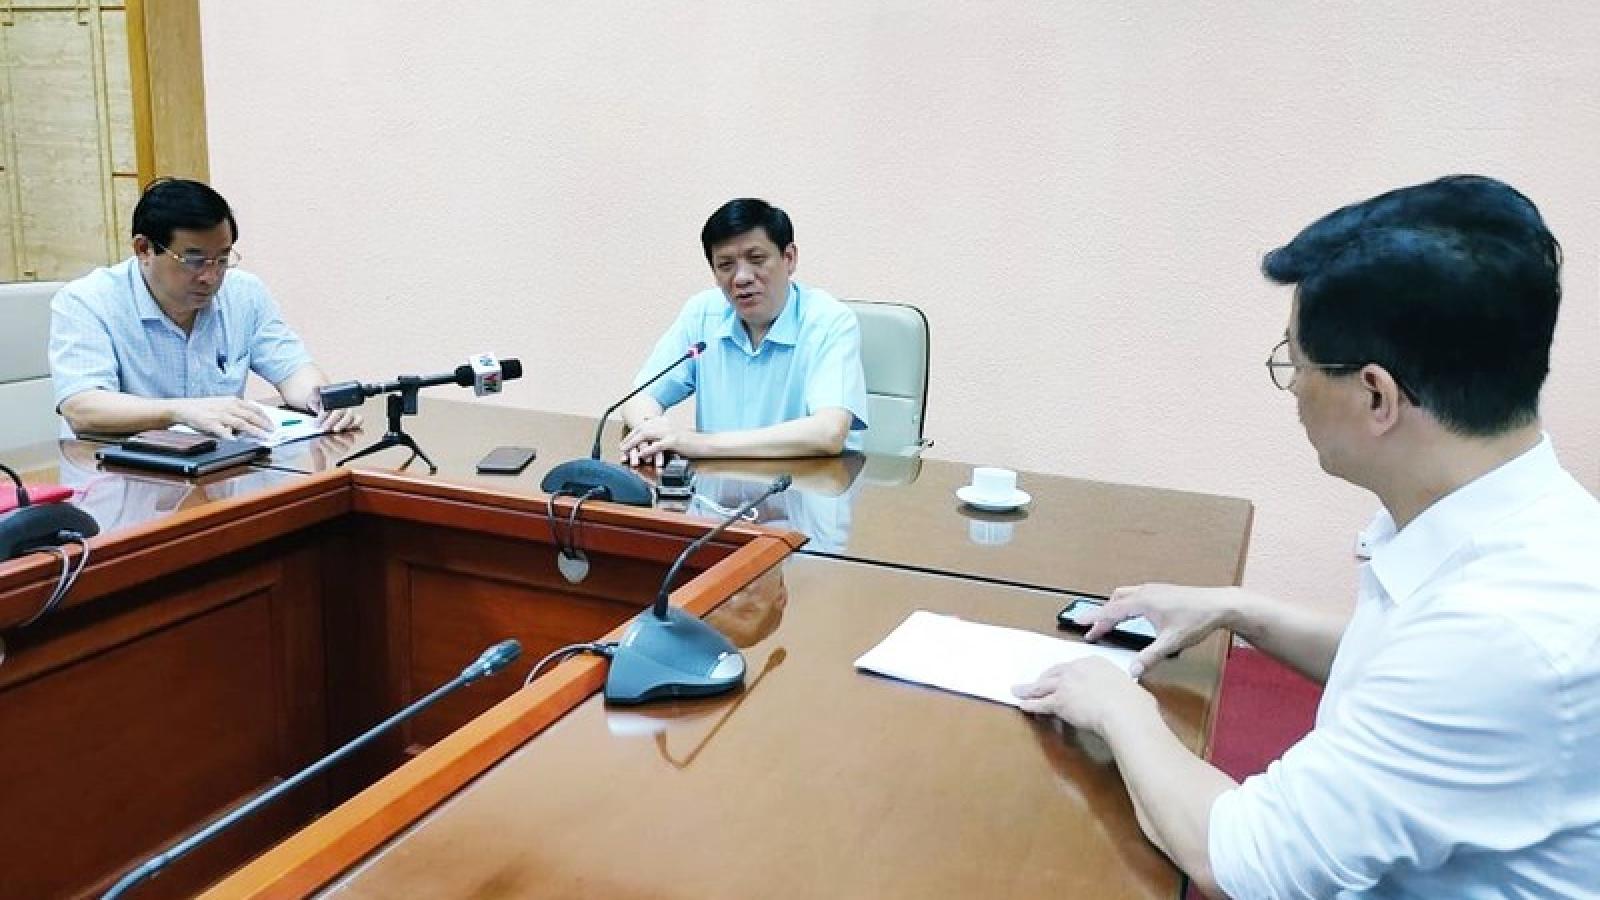 Năng lực xét nghiệm Covid-19 của Việt Nam là 31.000 mẫu/ngày